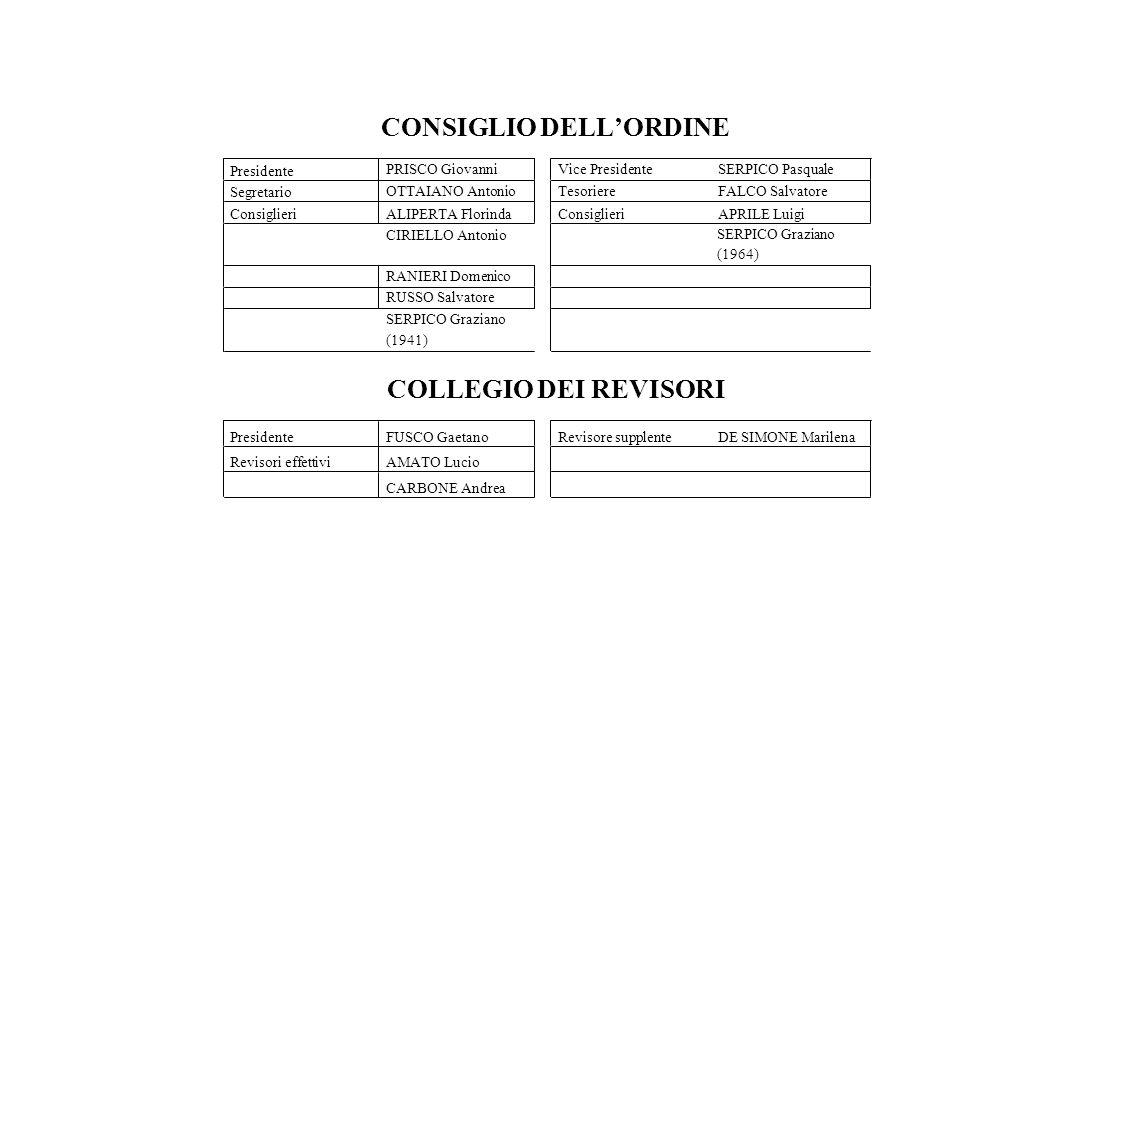 ORDINE DEI DOTTORI COMMERCIALISTI E DEGLI ESPERTI CONTABILI DI NOLA Quadro riassuntivo del Bilancio di Previsione per l Esercizio 2013 Fondo Iniziale di Cassa presunto Titolo I - Entrate Contributive Categoria I - Diritto annuale 196.580,00246.612,47 Categoria II - Diritti e quote nuove iscrizioni 15.000,00 Totale Titolo I 211.580,00261.612,47 Titolo III - Entrate diverse Categoria VII - Entrate diverse Titolo VII - Partite di giro Categoria XXII - Entrate aventi natura di partite di giro 195.743,50240.043,50 Totale Titolo VII 195.743,50240.043,50 Riepilogo dei Titoli Titolo I Titolo III Titolo VII............................................................